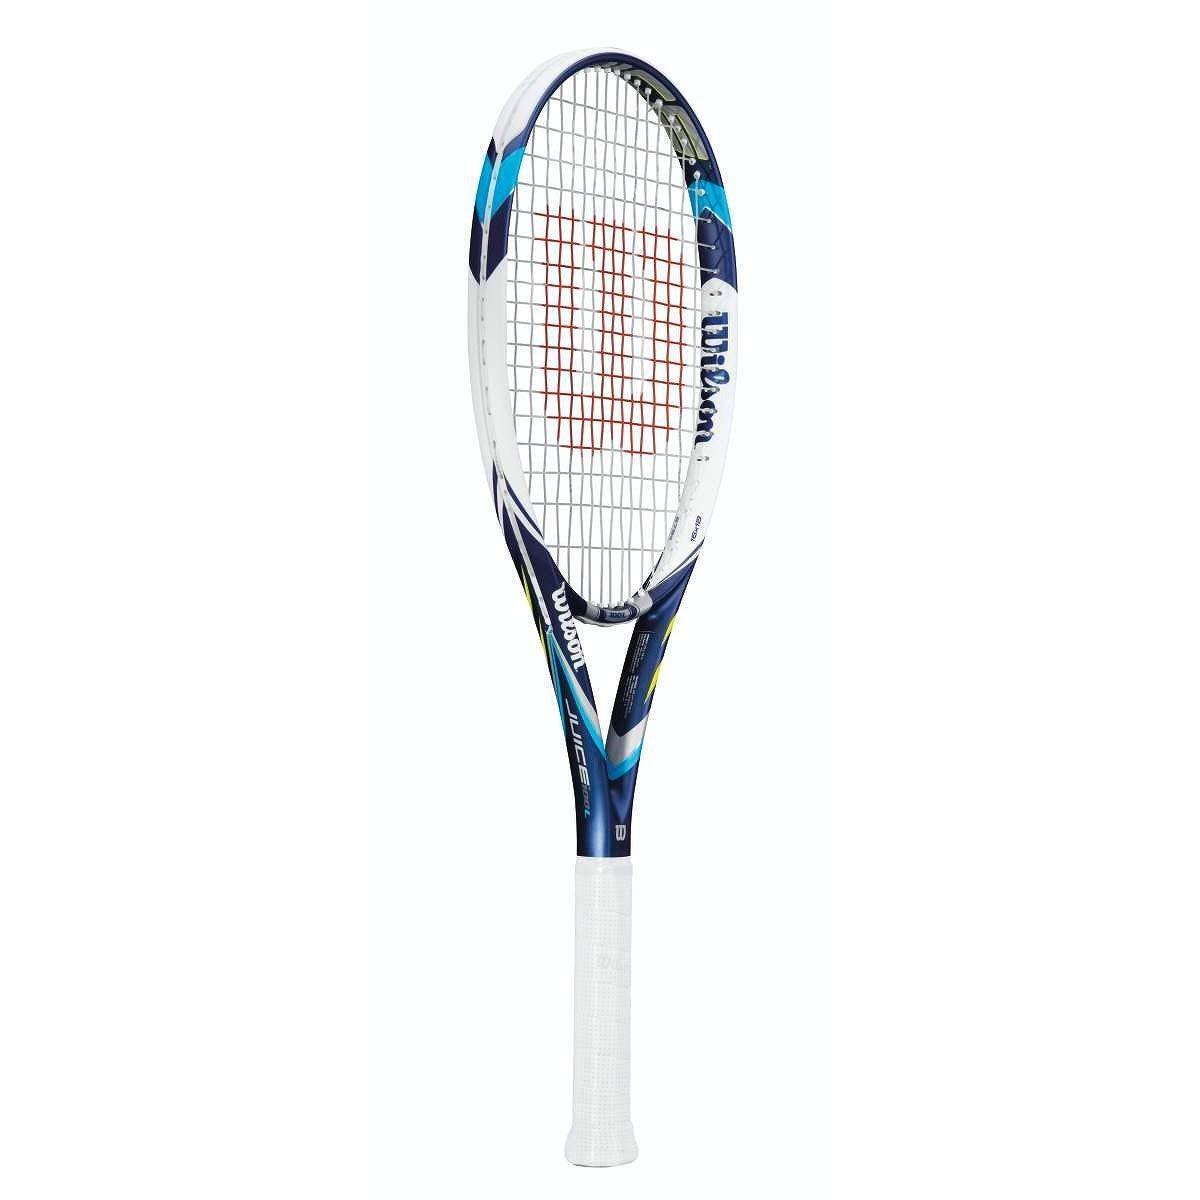 Tennisschläger Tennisschläger Tennisschläger Wilson Juice 100L Besaitet Griffgröße 4 1 8 486c93